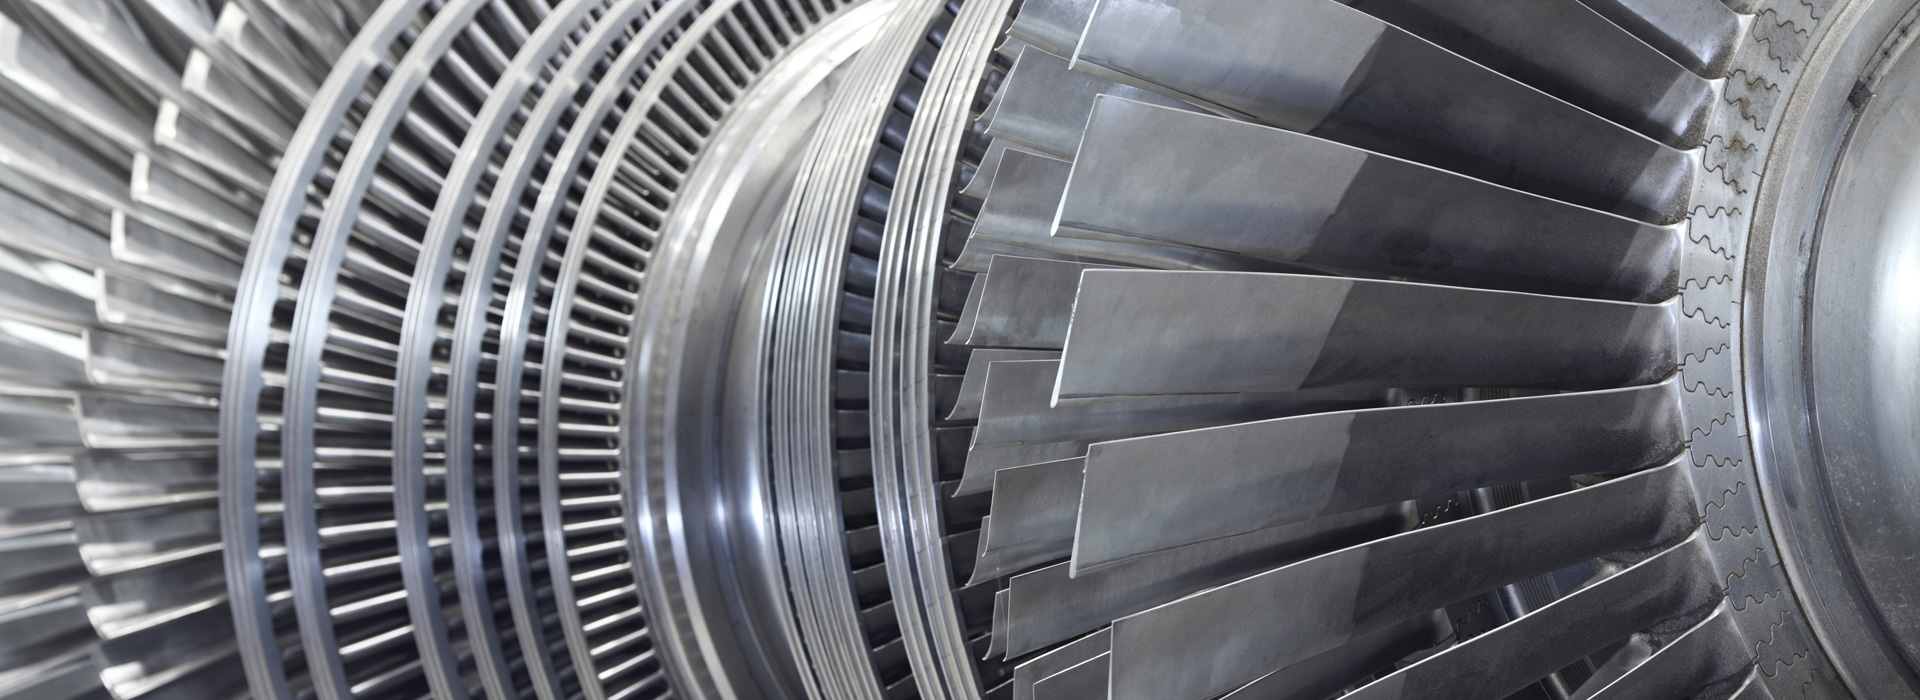 turbine-blades-1920x700